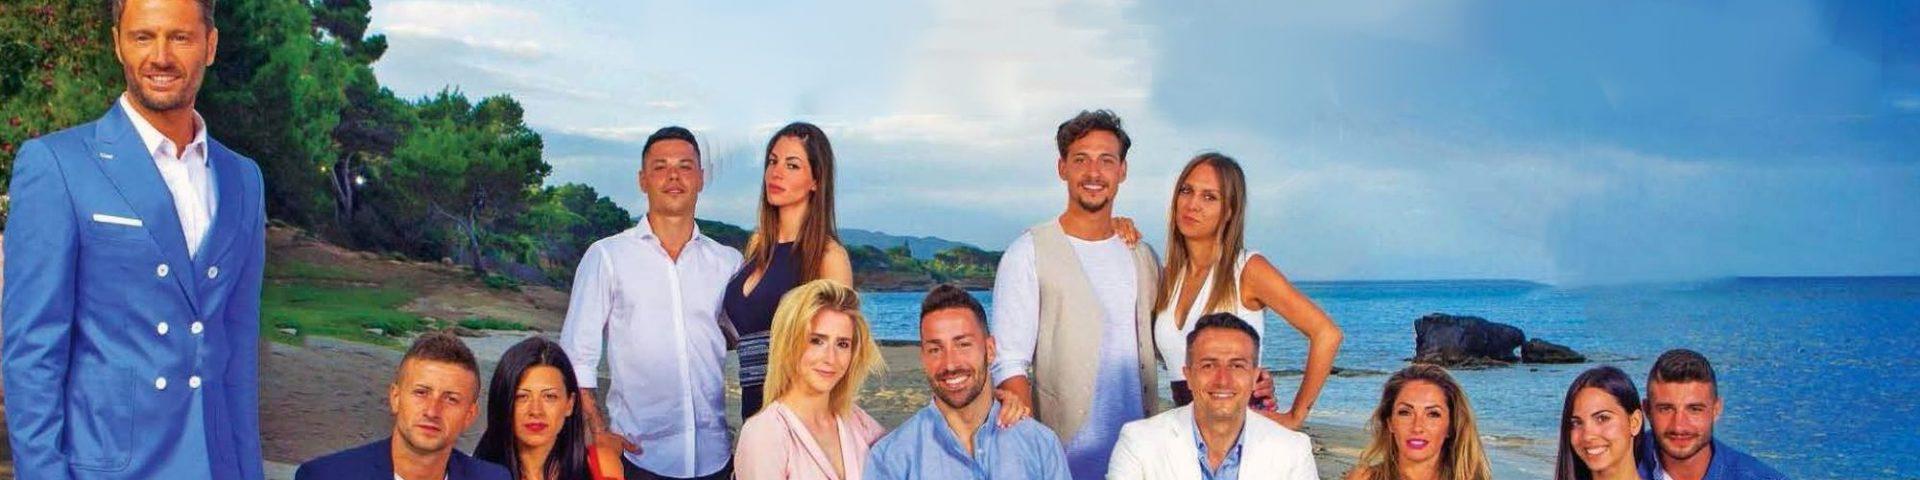 Temptation Island 2018: dalle corna alla gelosia, il riassunto della prima puntata